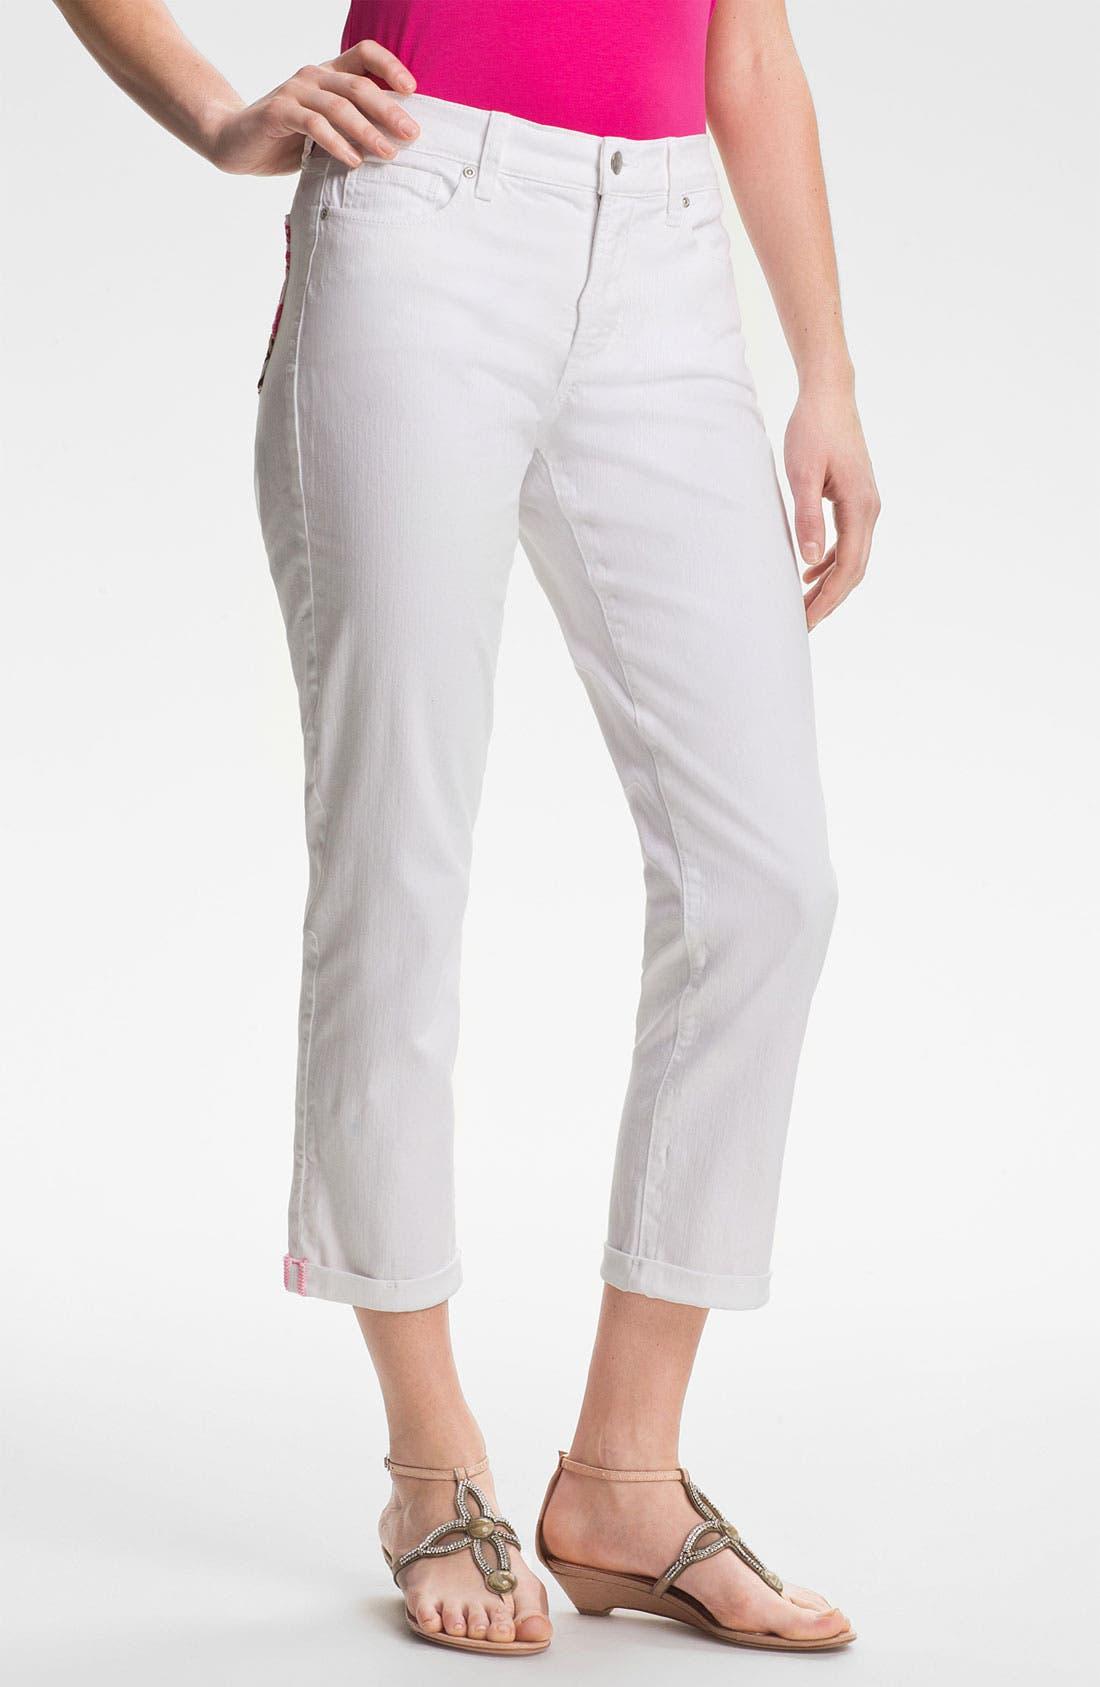 Main Image - NYDJ 'Kendall' Cuffed Stretch Crop Jeans (Petite)